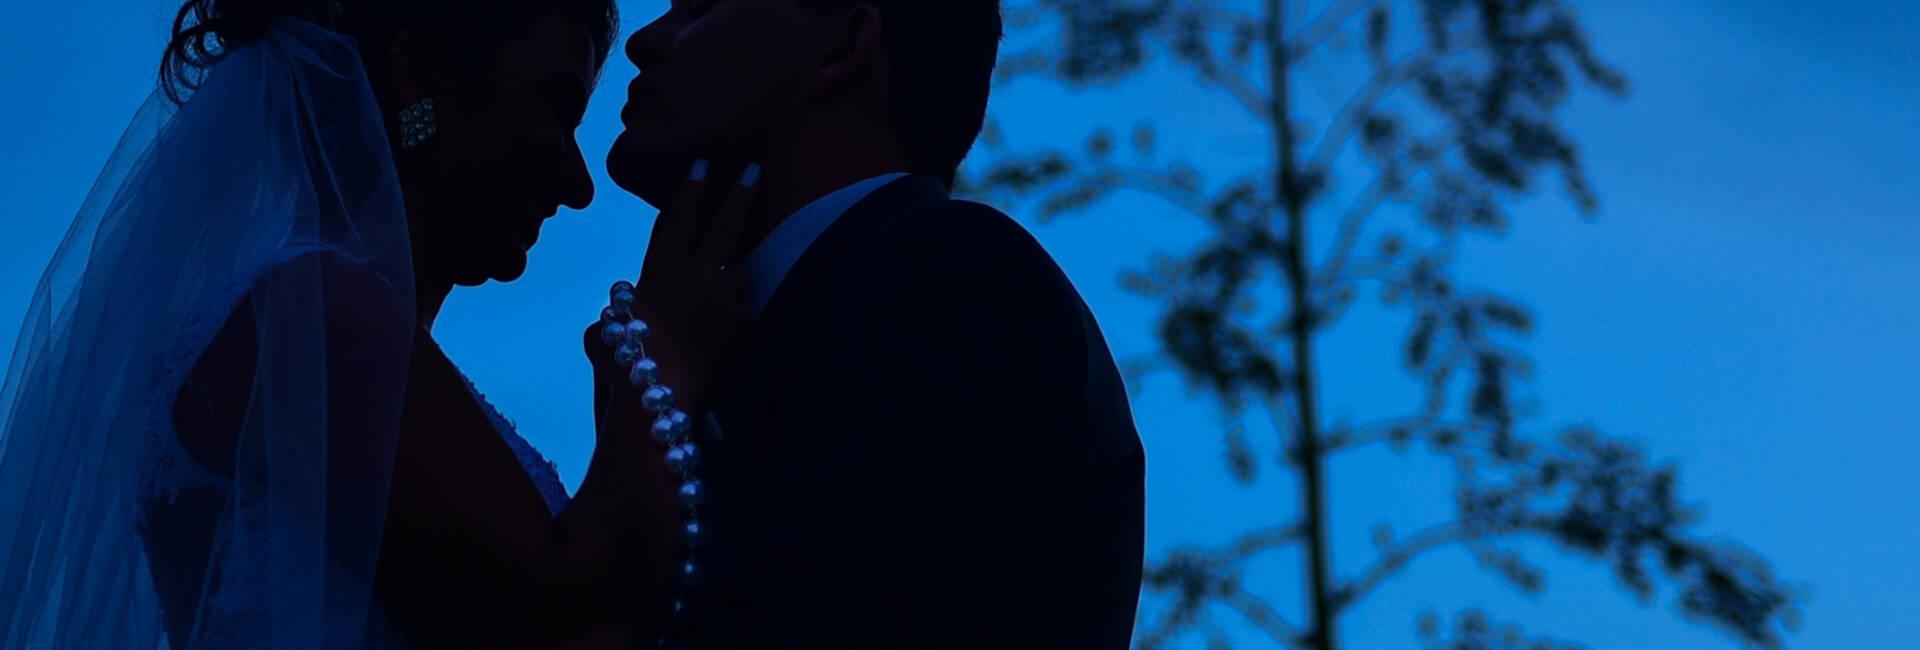 Casamento de Vanessa e Antonio Carlos